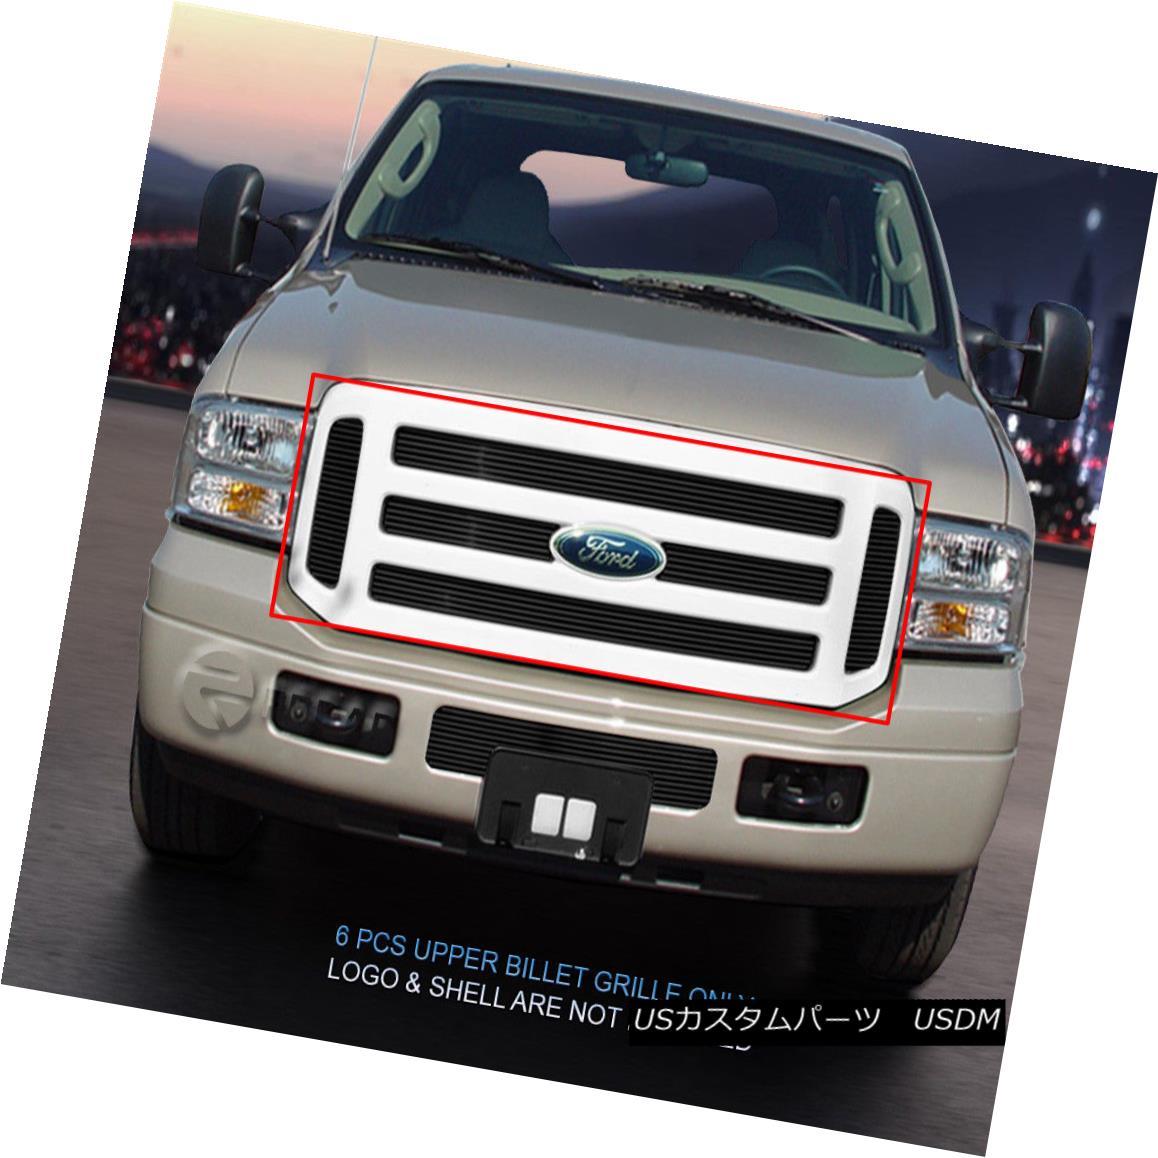 グリル For 05-07 Ford F-250 F350 F450 F550 Black Billet Grille Grill Upper Insert Fedar 05-07フォードF-250 F350 F450 F550ブラックビレットグリルグリルアッパーインサートフェルダー